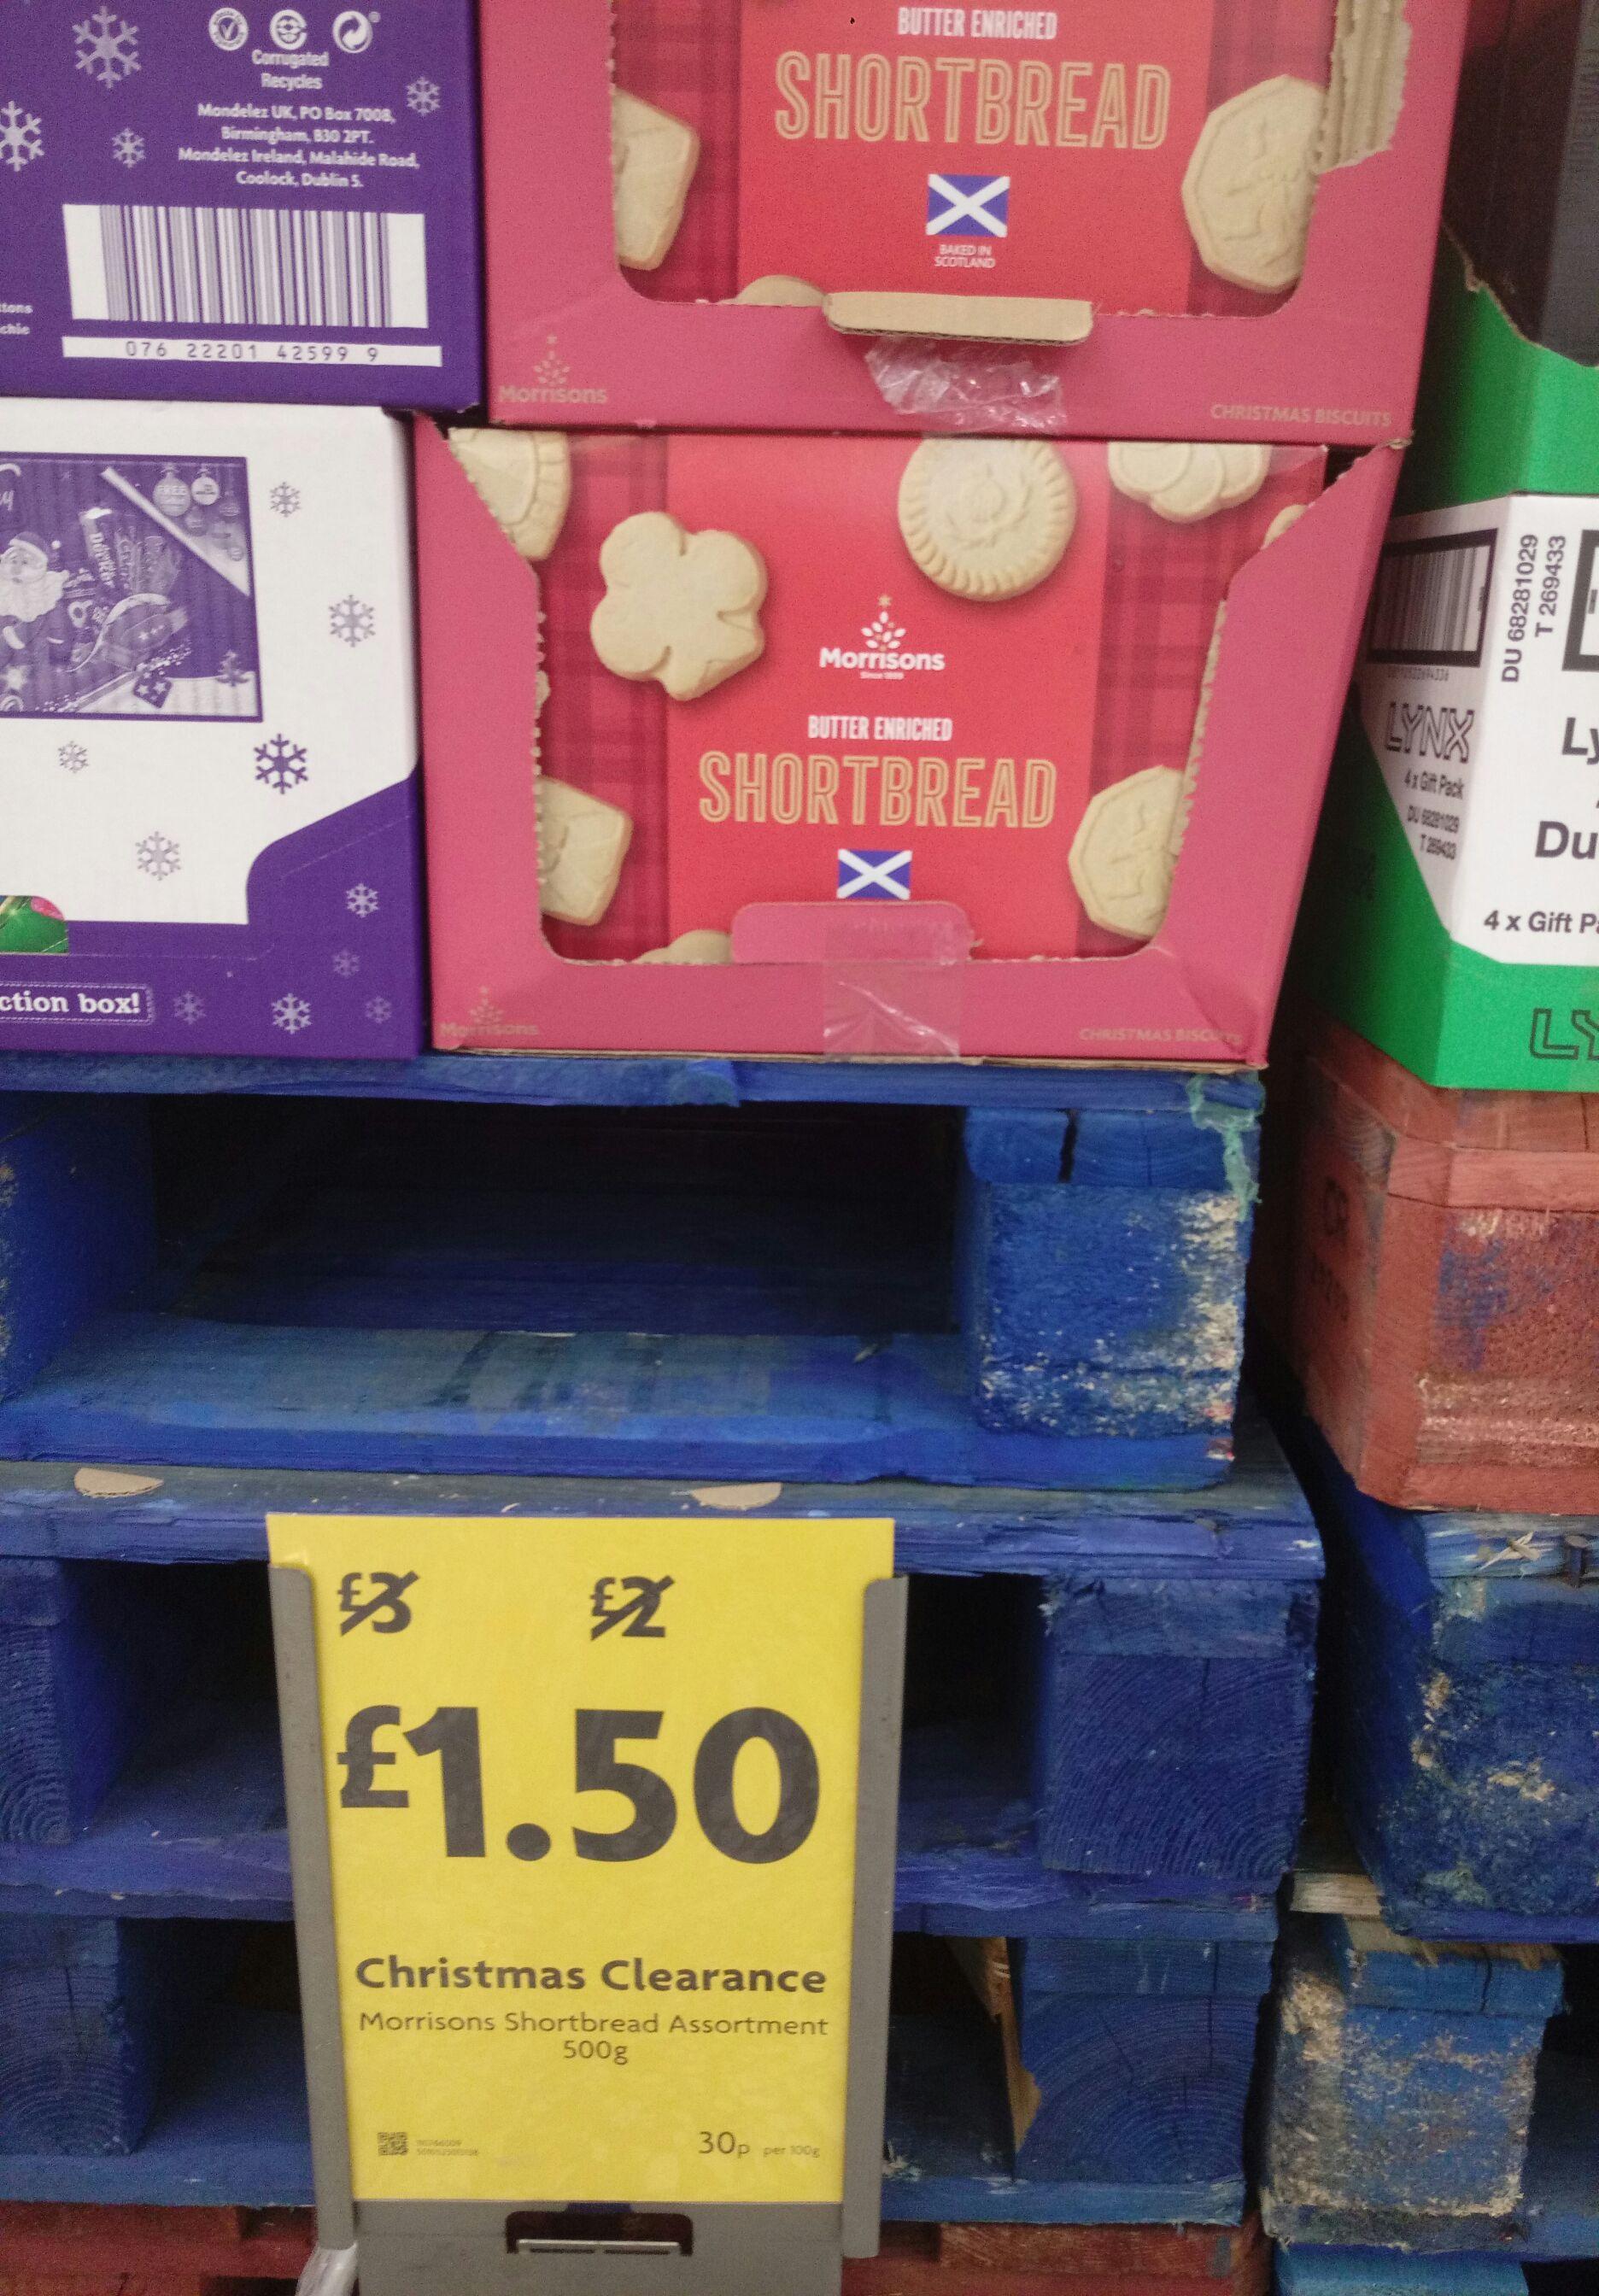 Morrisons shortbread - £1.50 per Box Instore @ Morrisons (Cheltenham)